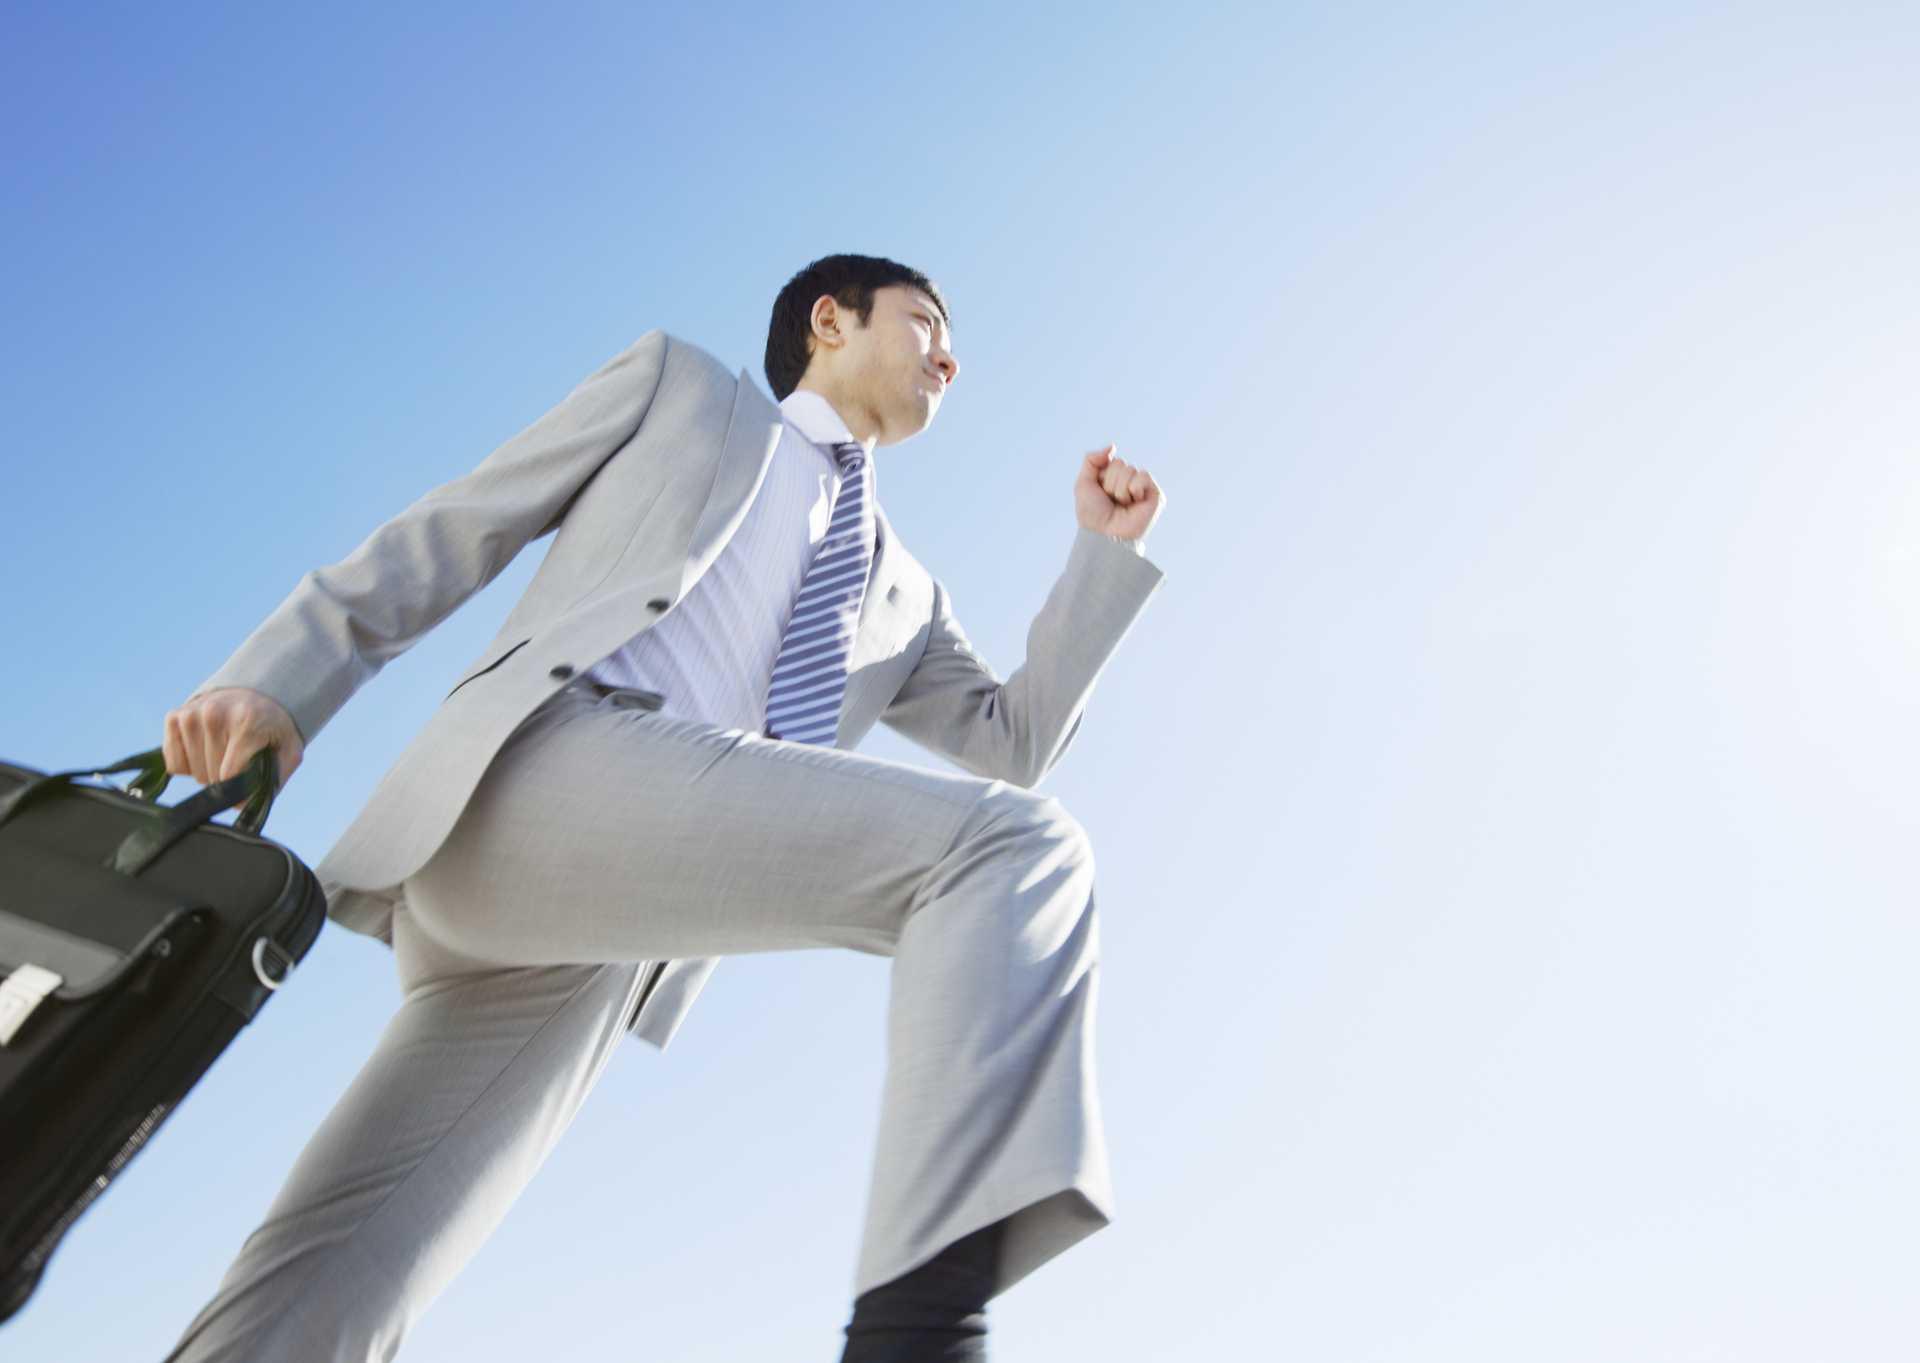 「前向きな気持ち」と「前向きな行動」は別物。 | 人生を楽しく生きる30の方法